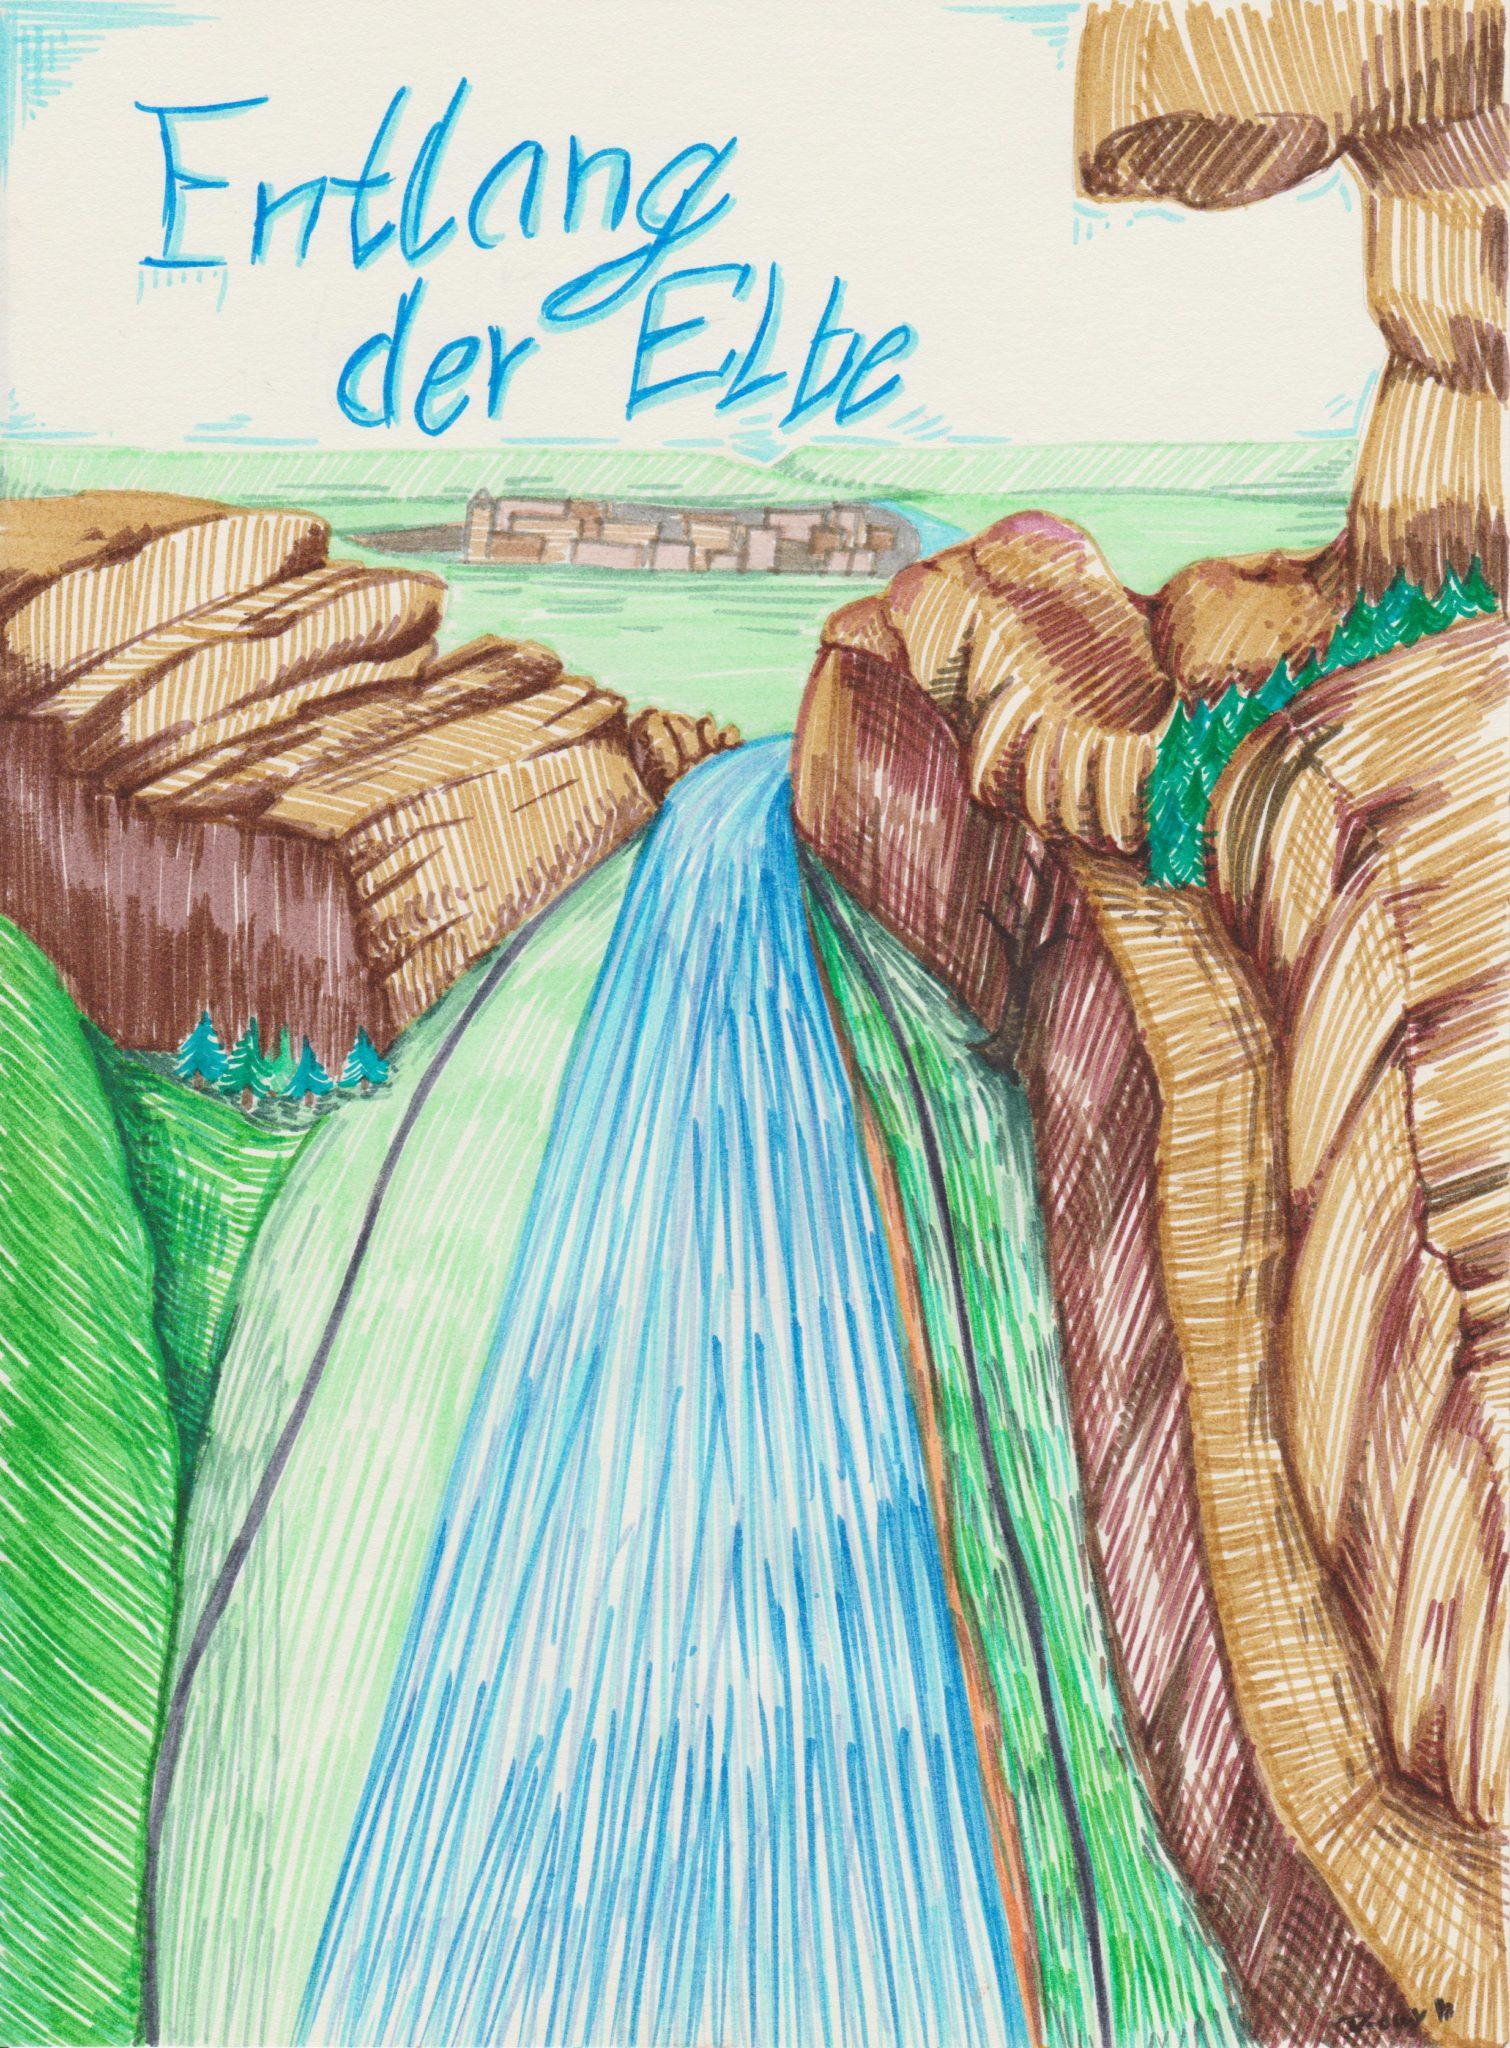 Entlang der Elbe